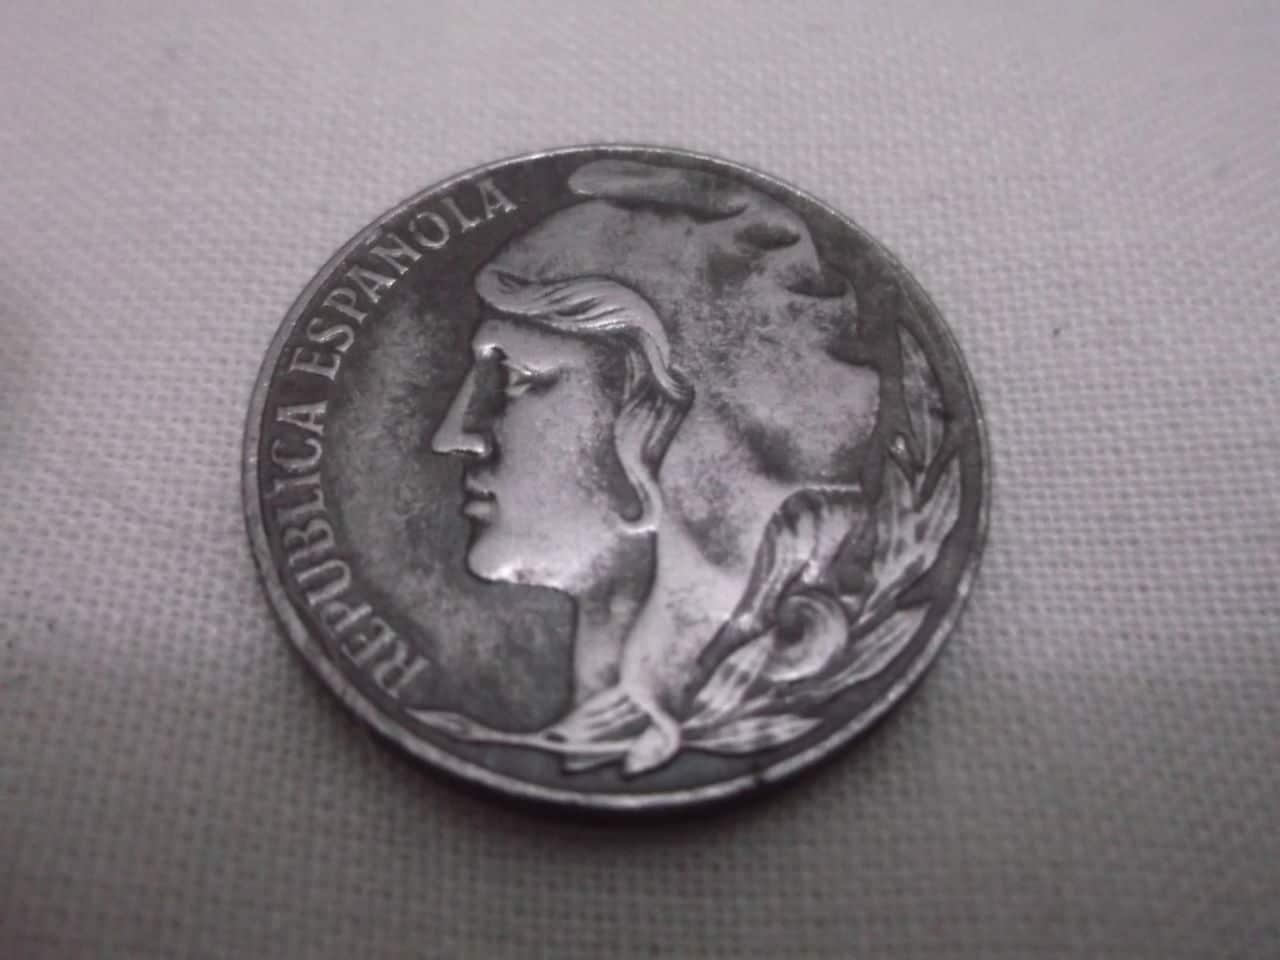 Más monedas de 5 céntimos de 1937 DSCF3349